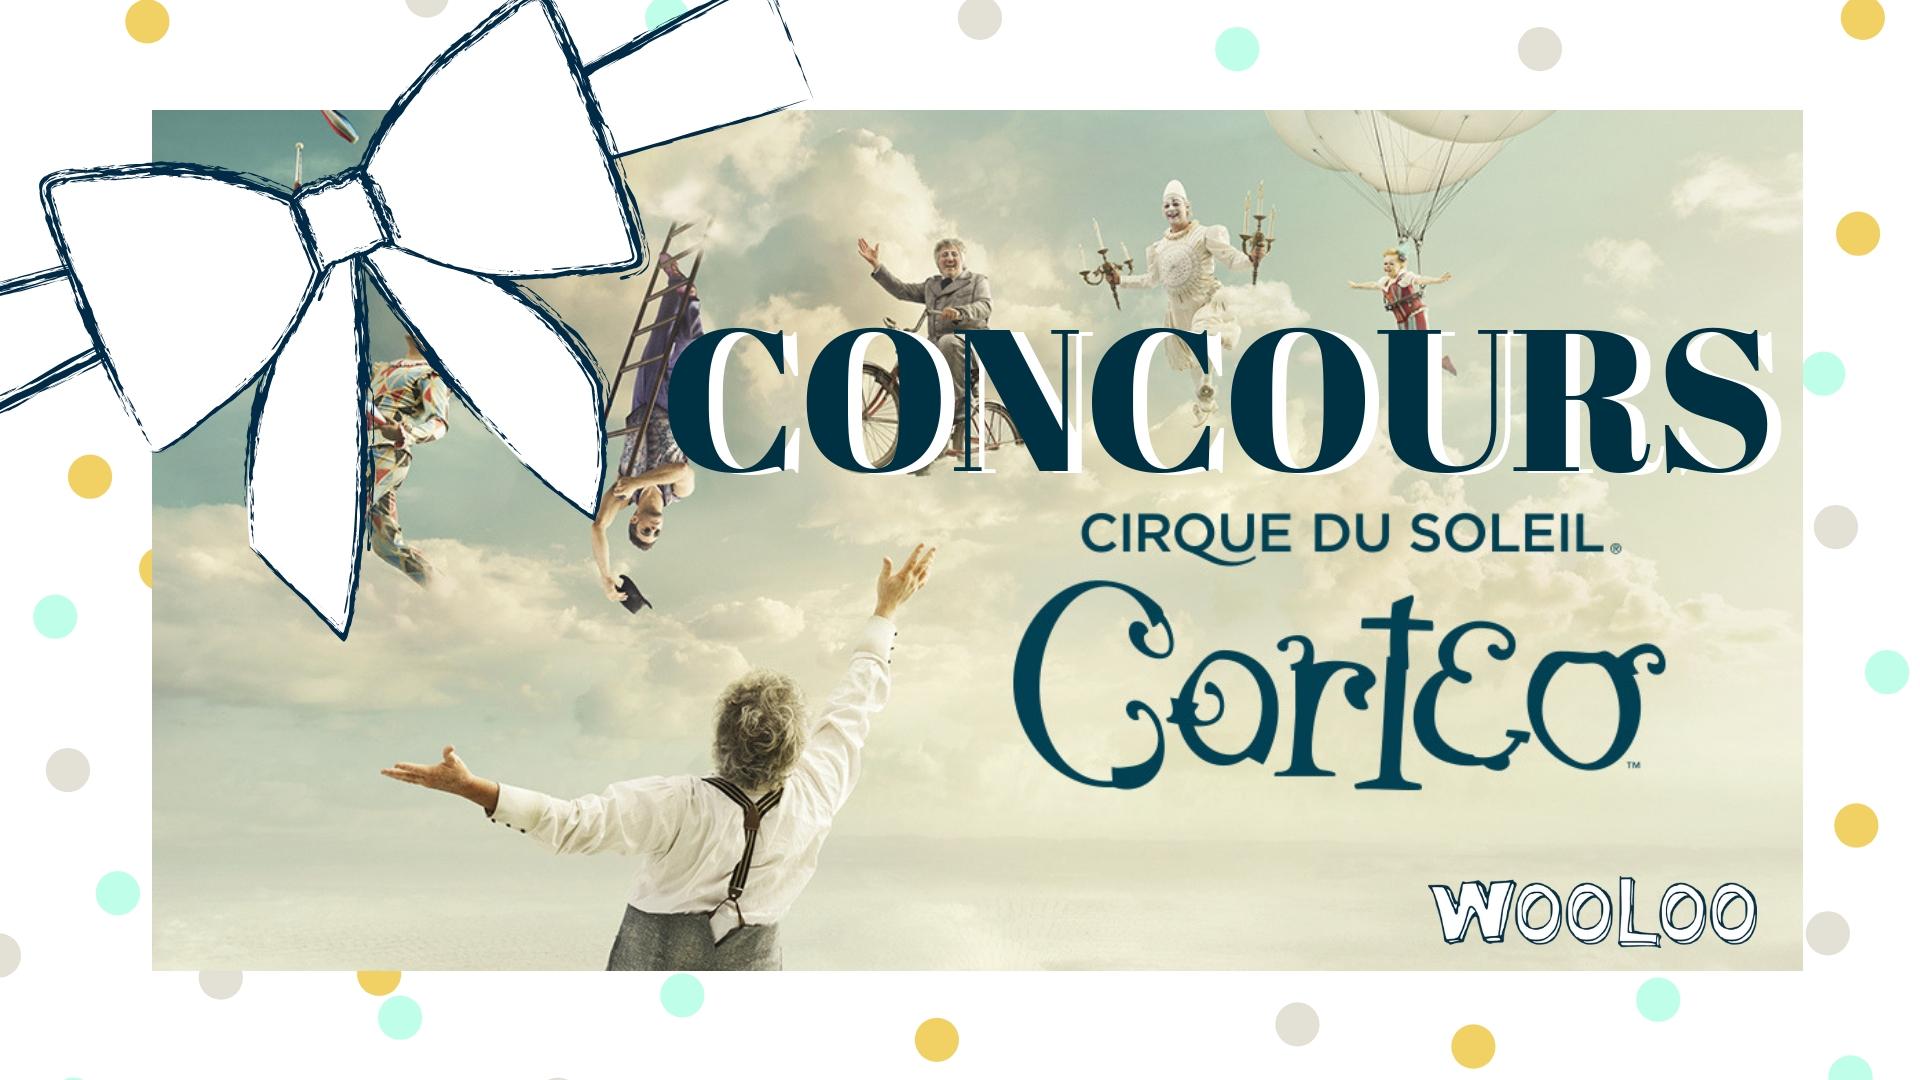 CONCOURS Corteo par le Cirque du Soleil